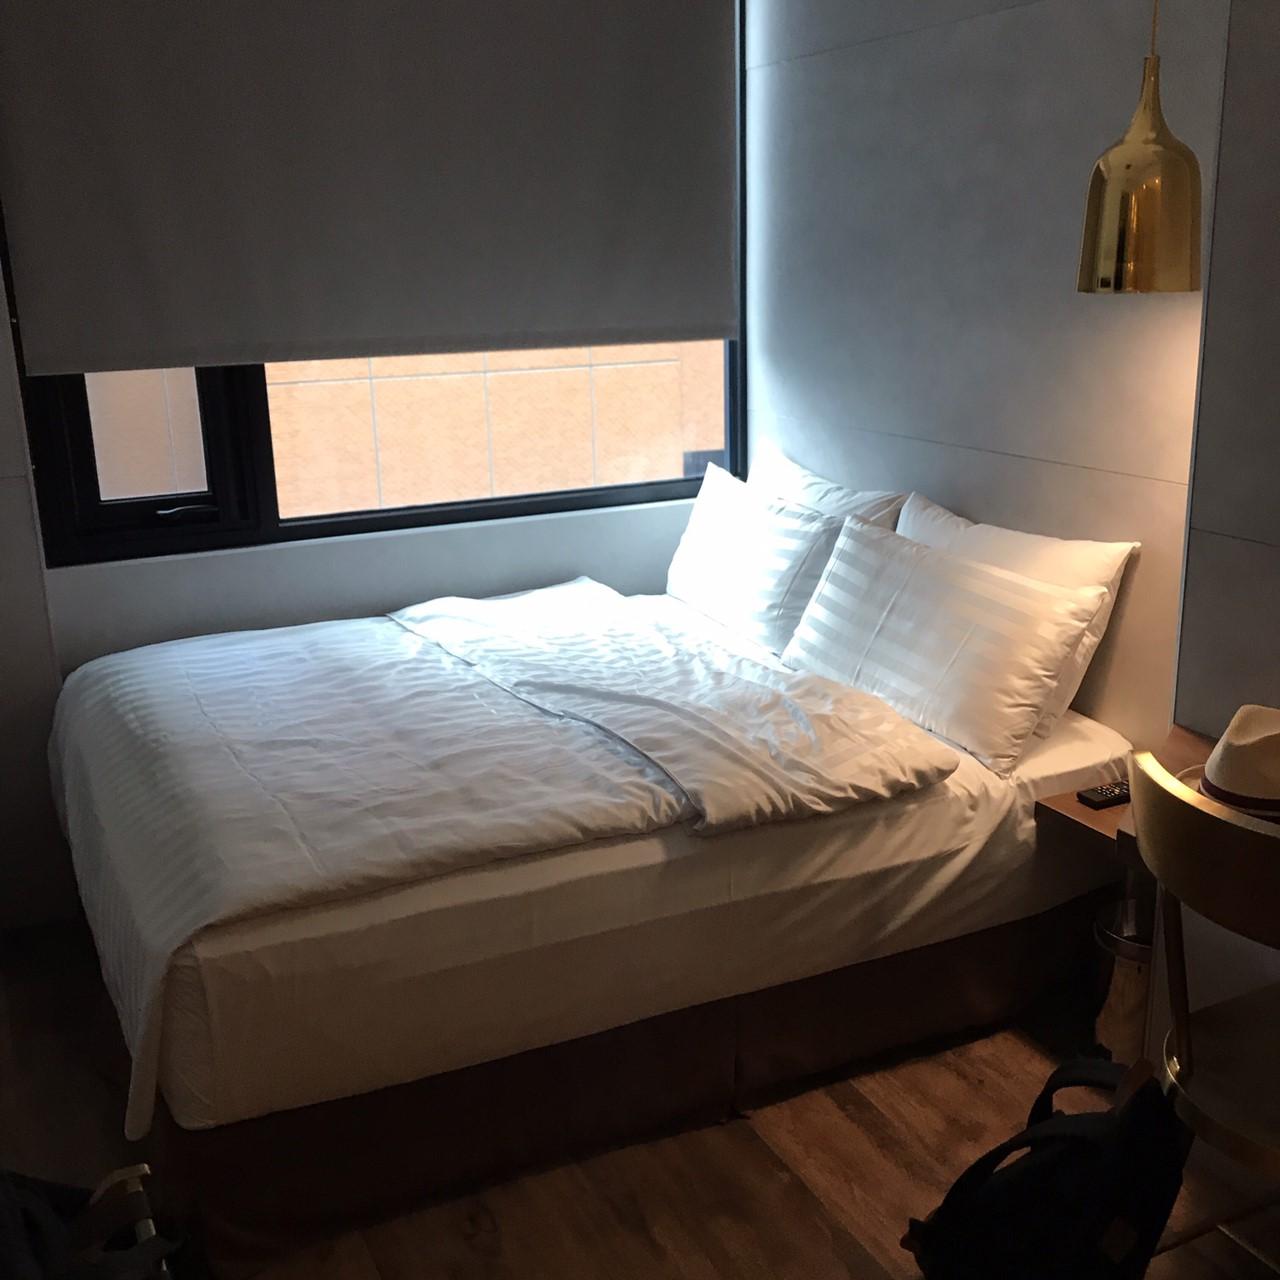 【台湾旅行 ホテル】台北駅近くのおすすめ格安ホテル6選